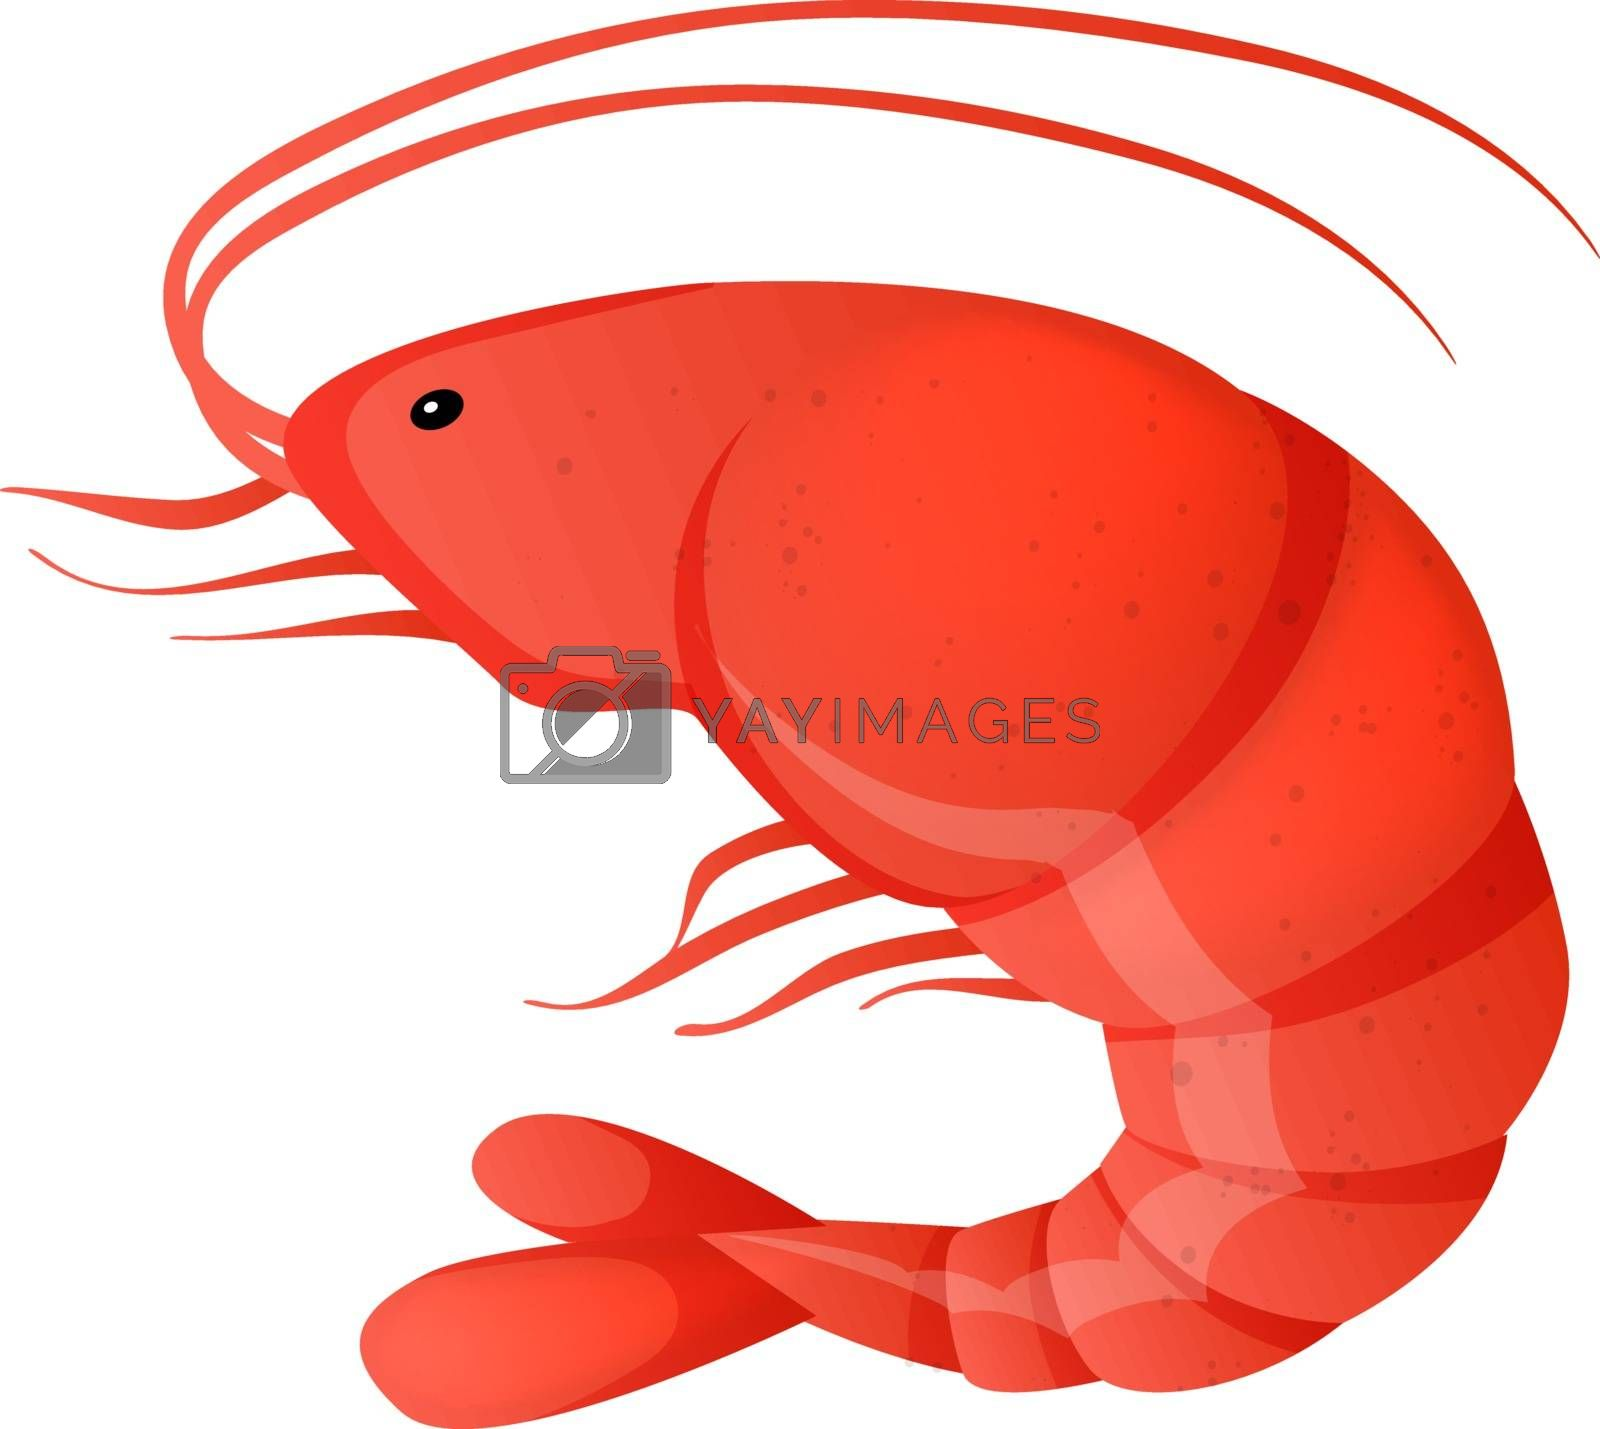 Vector illustration of red shrimp on white background